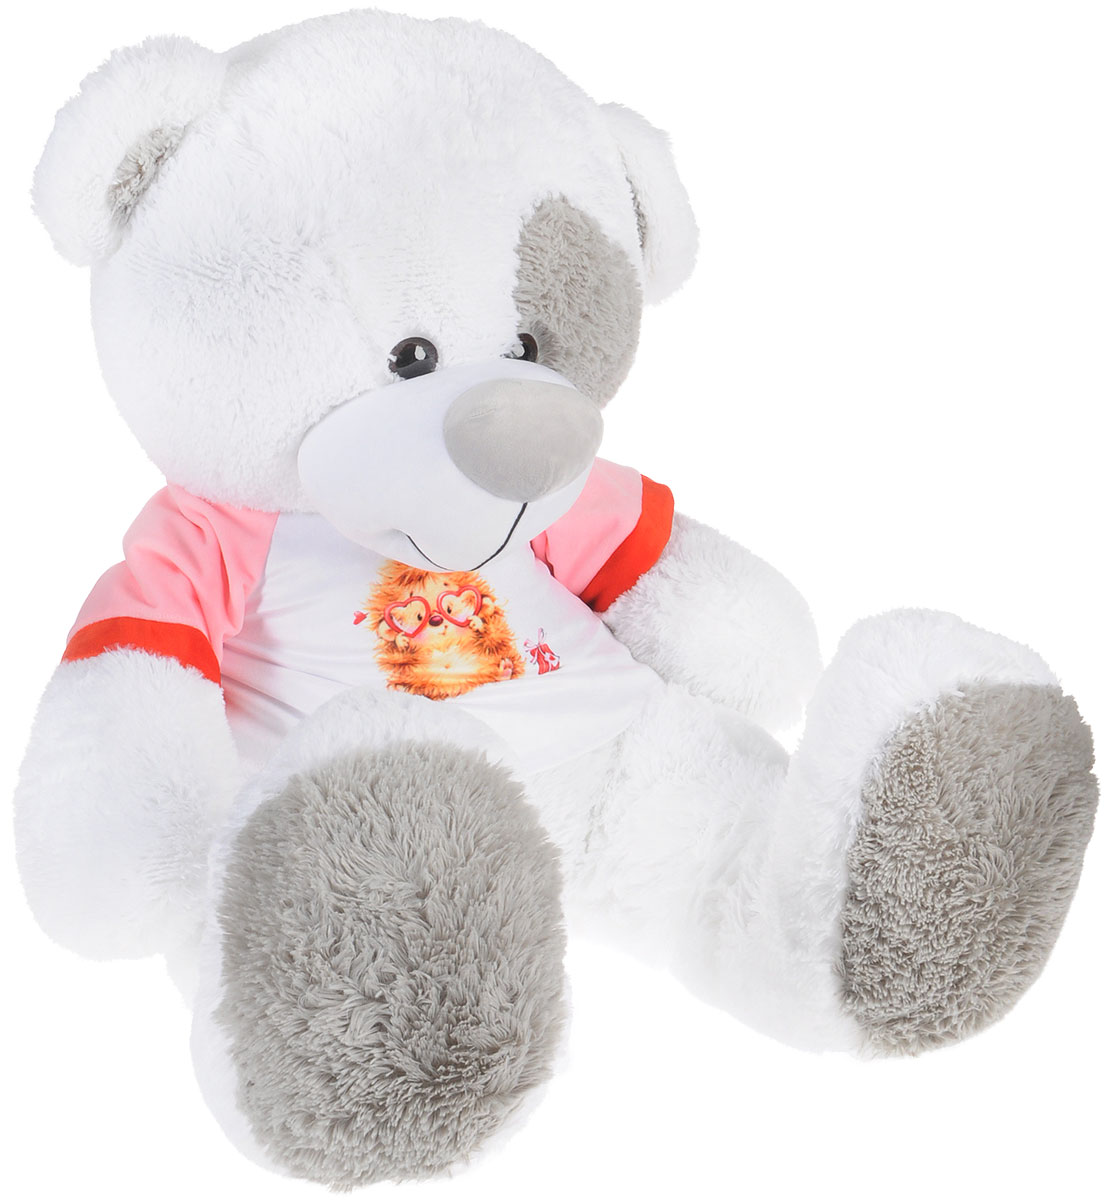 СмолТойс Мягкая игрушка Медвежонок Тишка 75 см смолтойс мягкая игрушка медвежонок монти 100 см